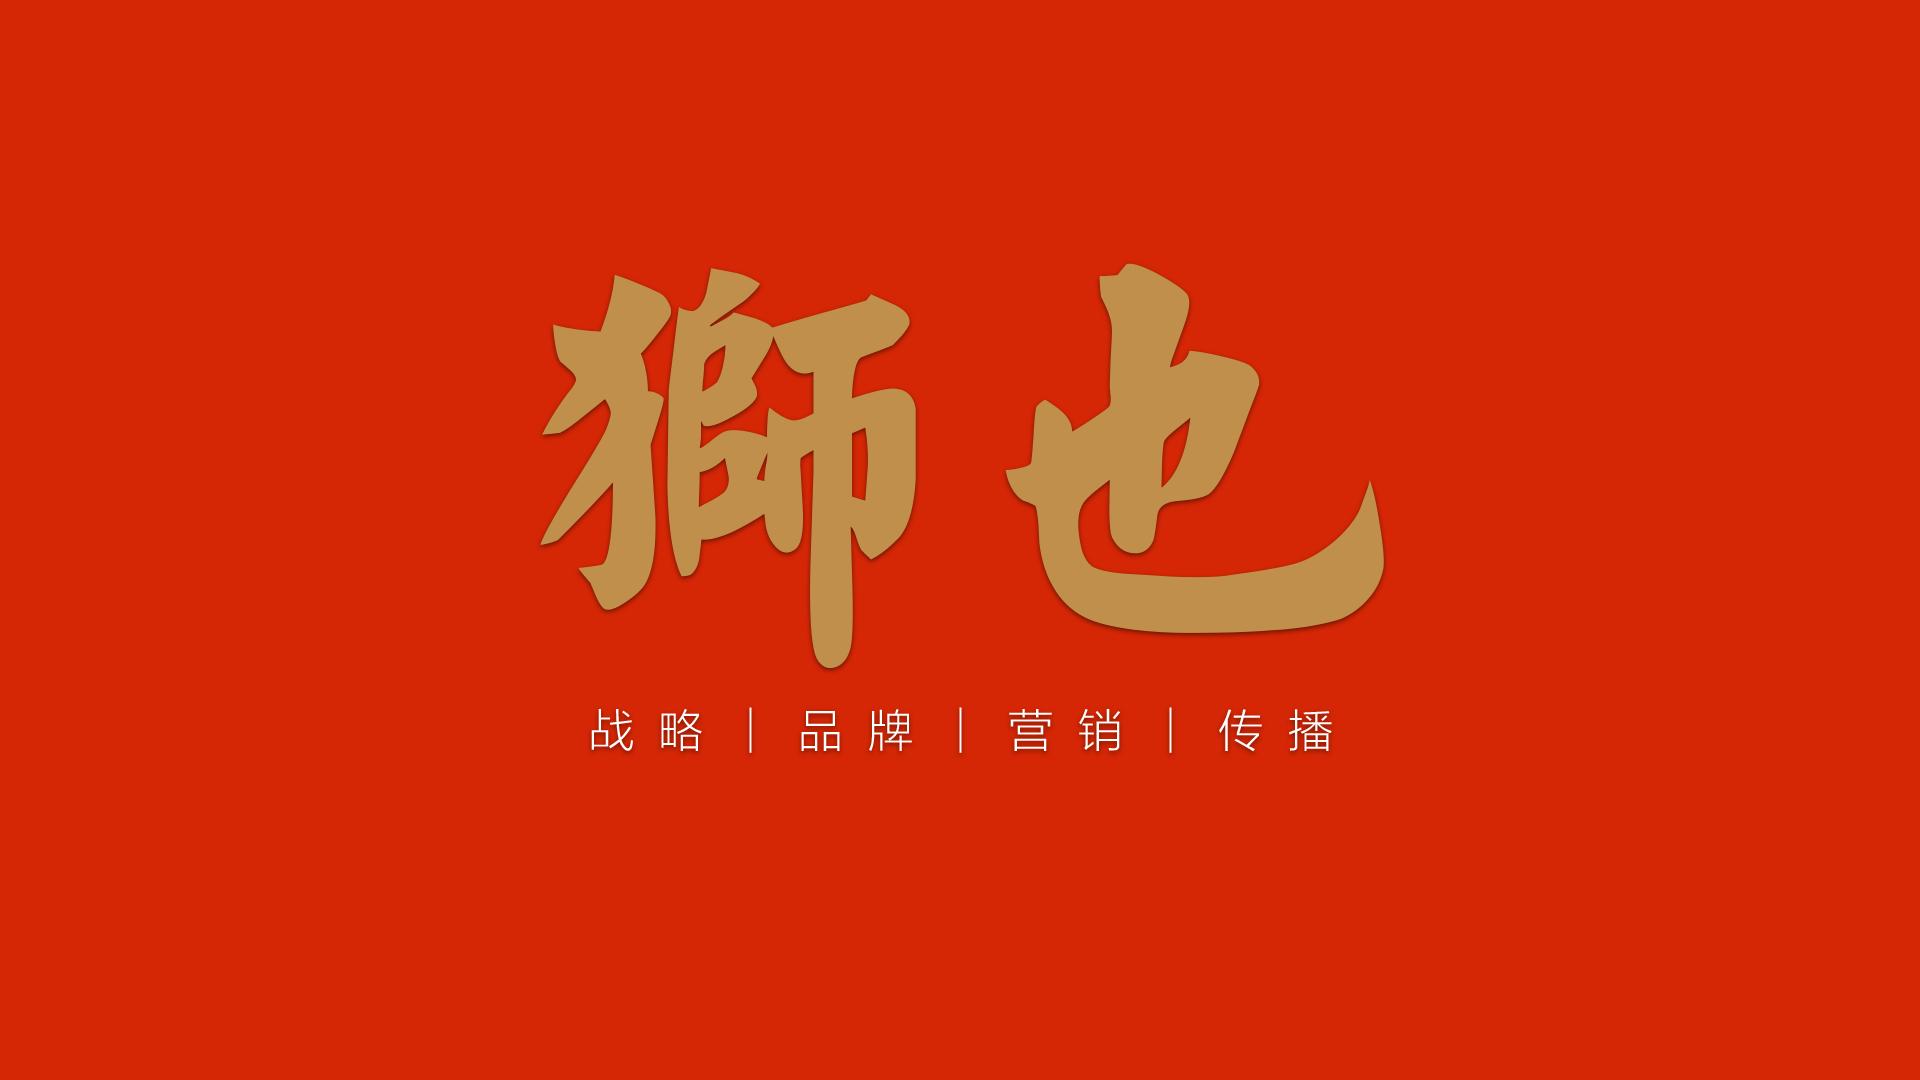 上海营销策划公司—盘点2016年十大经典营销事件